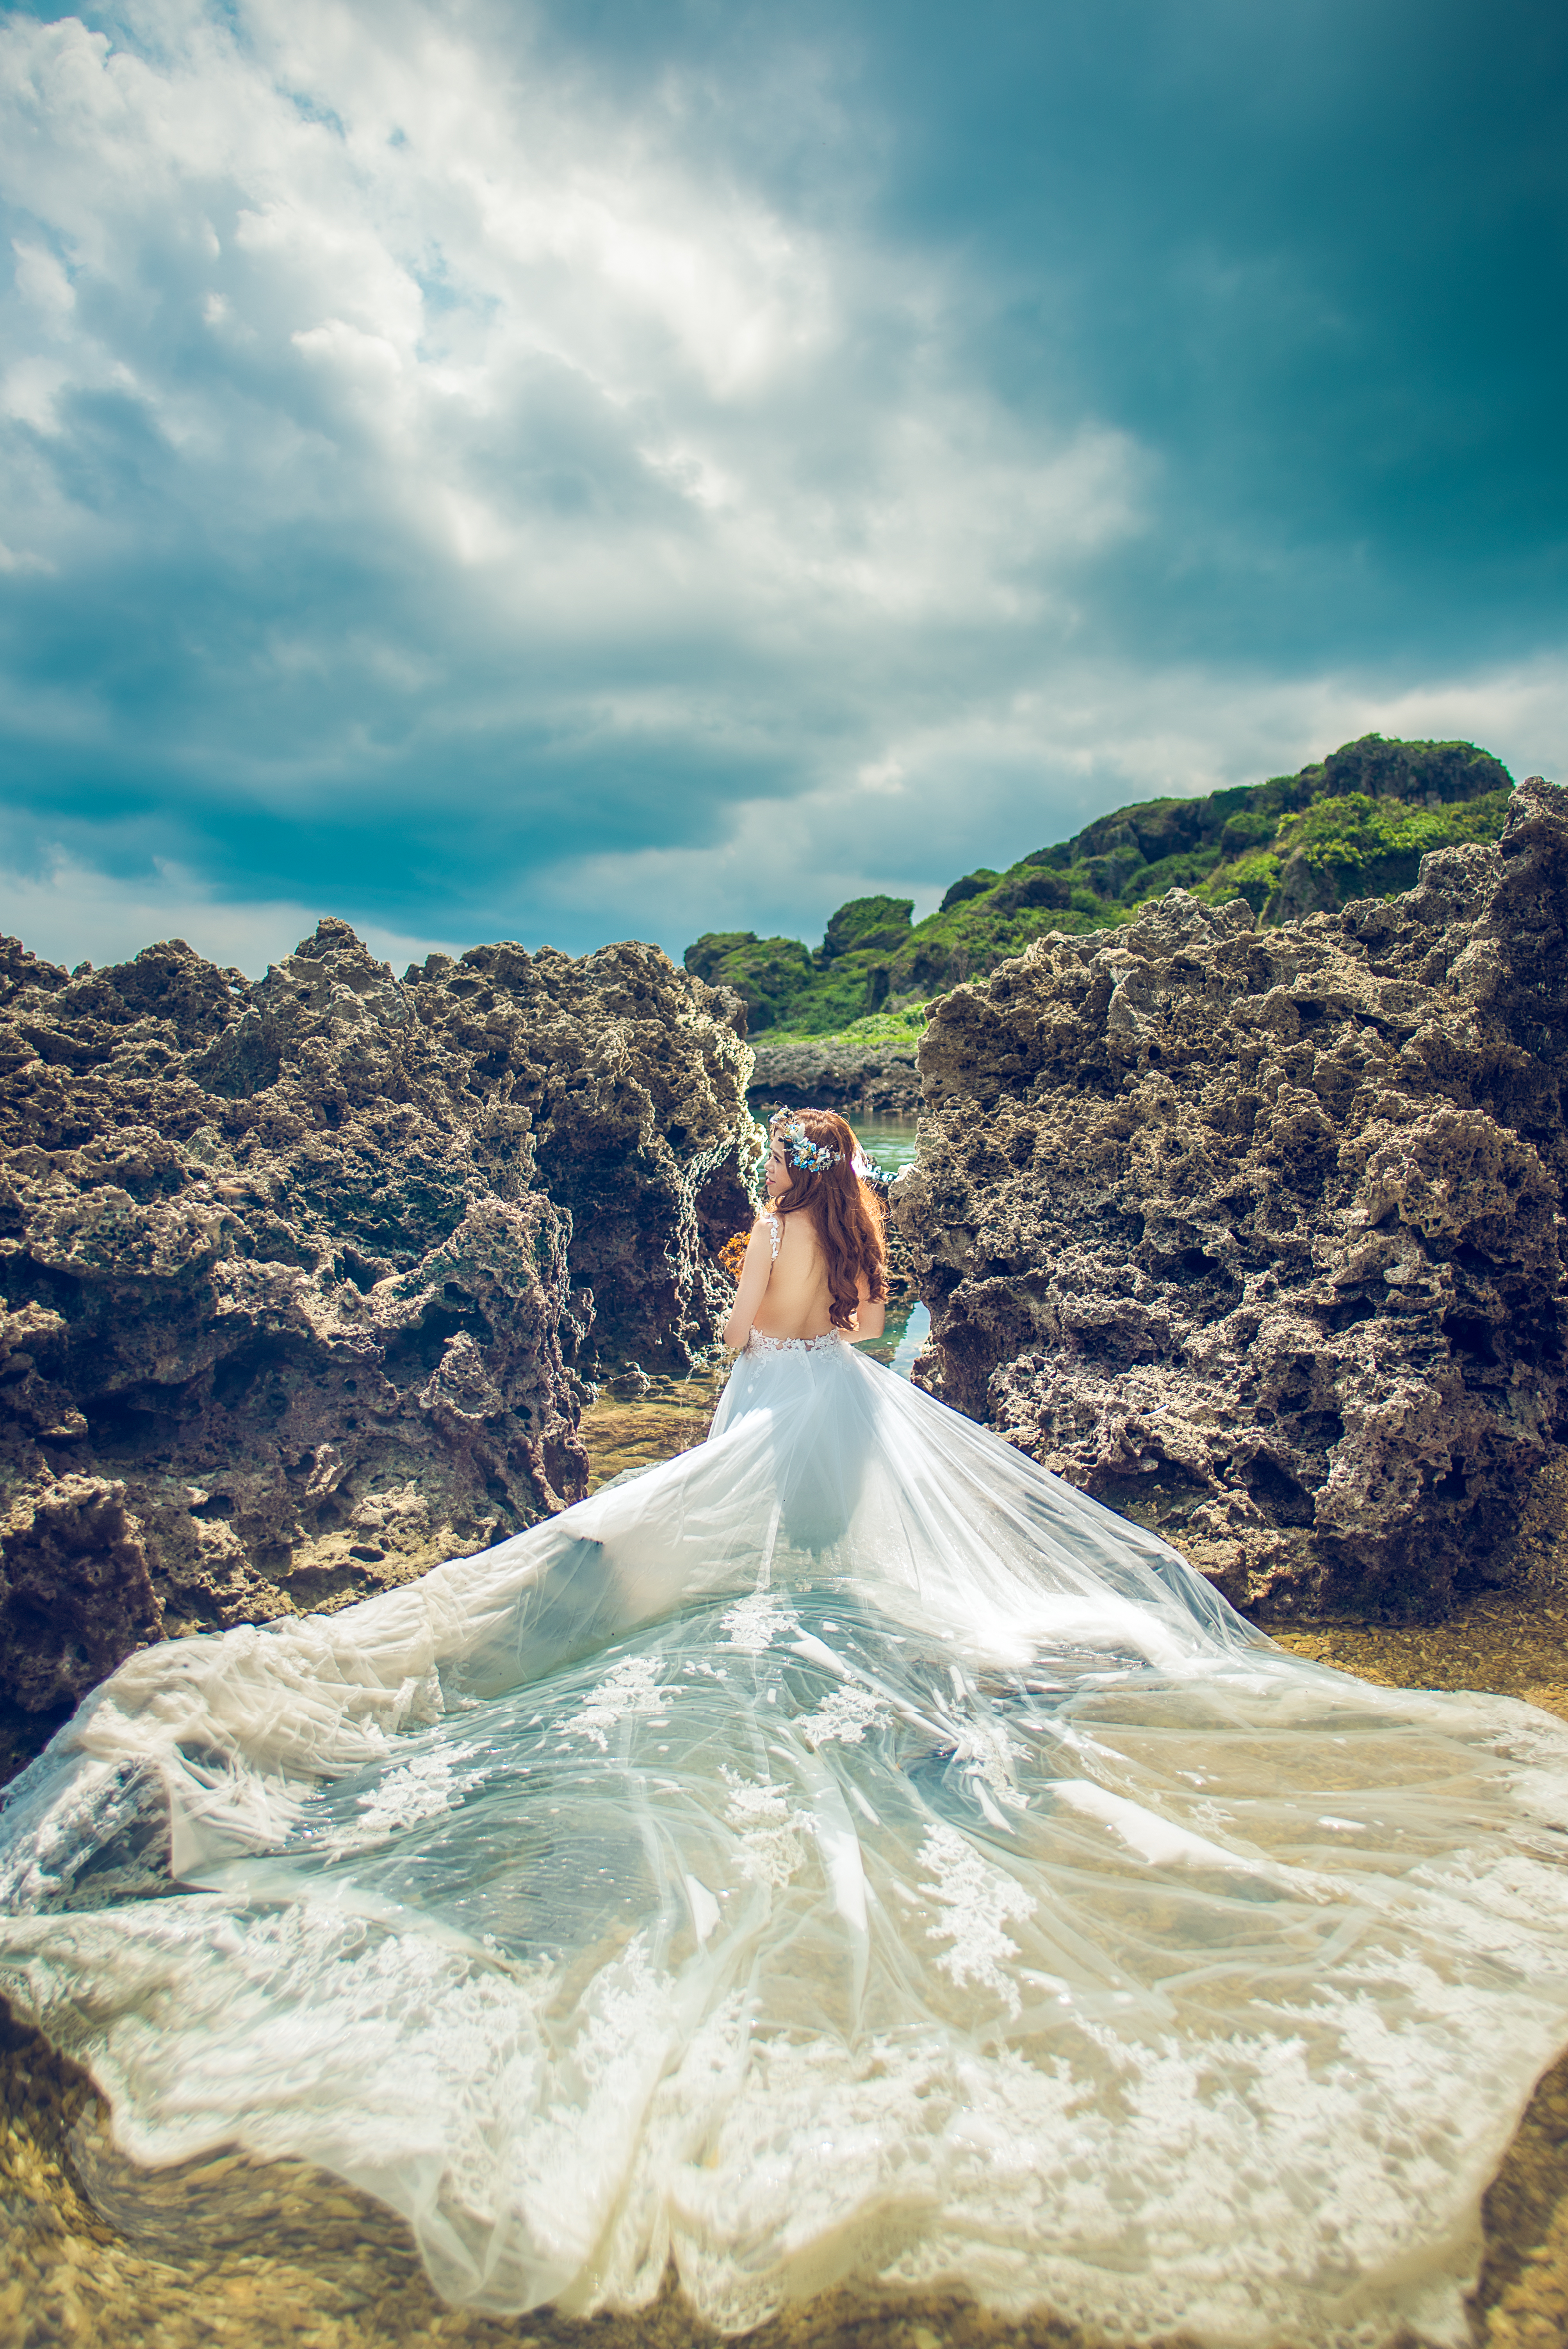 屏東墾丁婚紗,龍磐草原婚紗.海灘婚紗,夏天婚紗,沙灘婚紗